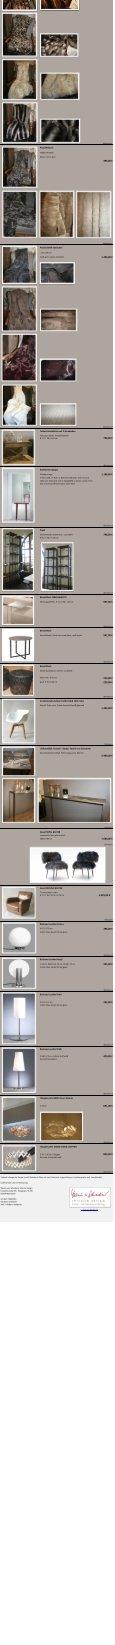 Unsere Best-of-Produkte im Loft - Yasmin von Schaabner - Seite 2